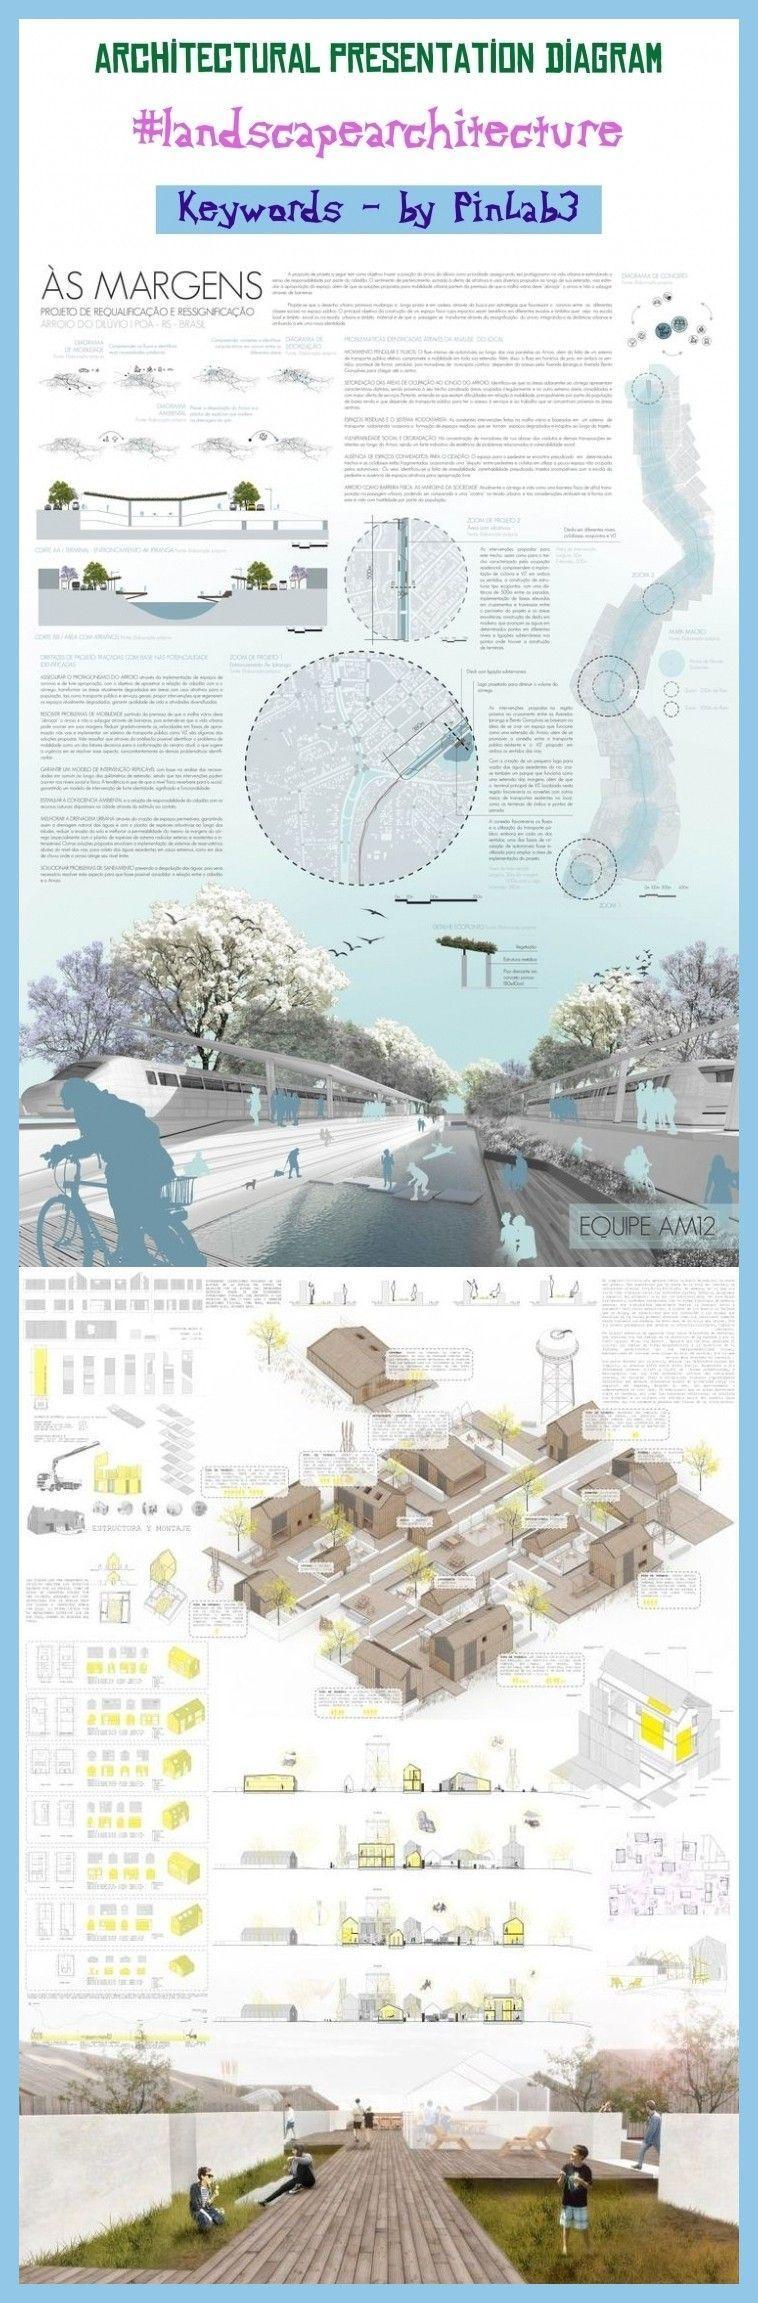 Architectural presentation diagram Archite  Architectural presentation diagram Archite  Architectu